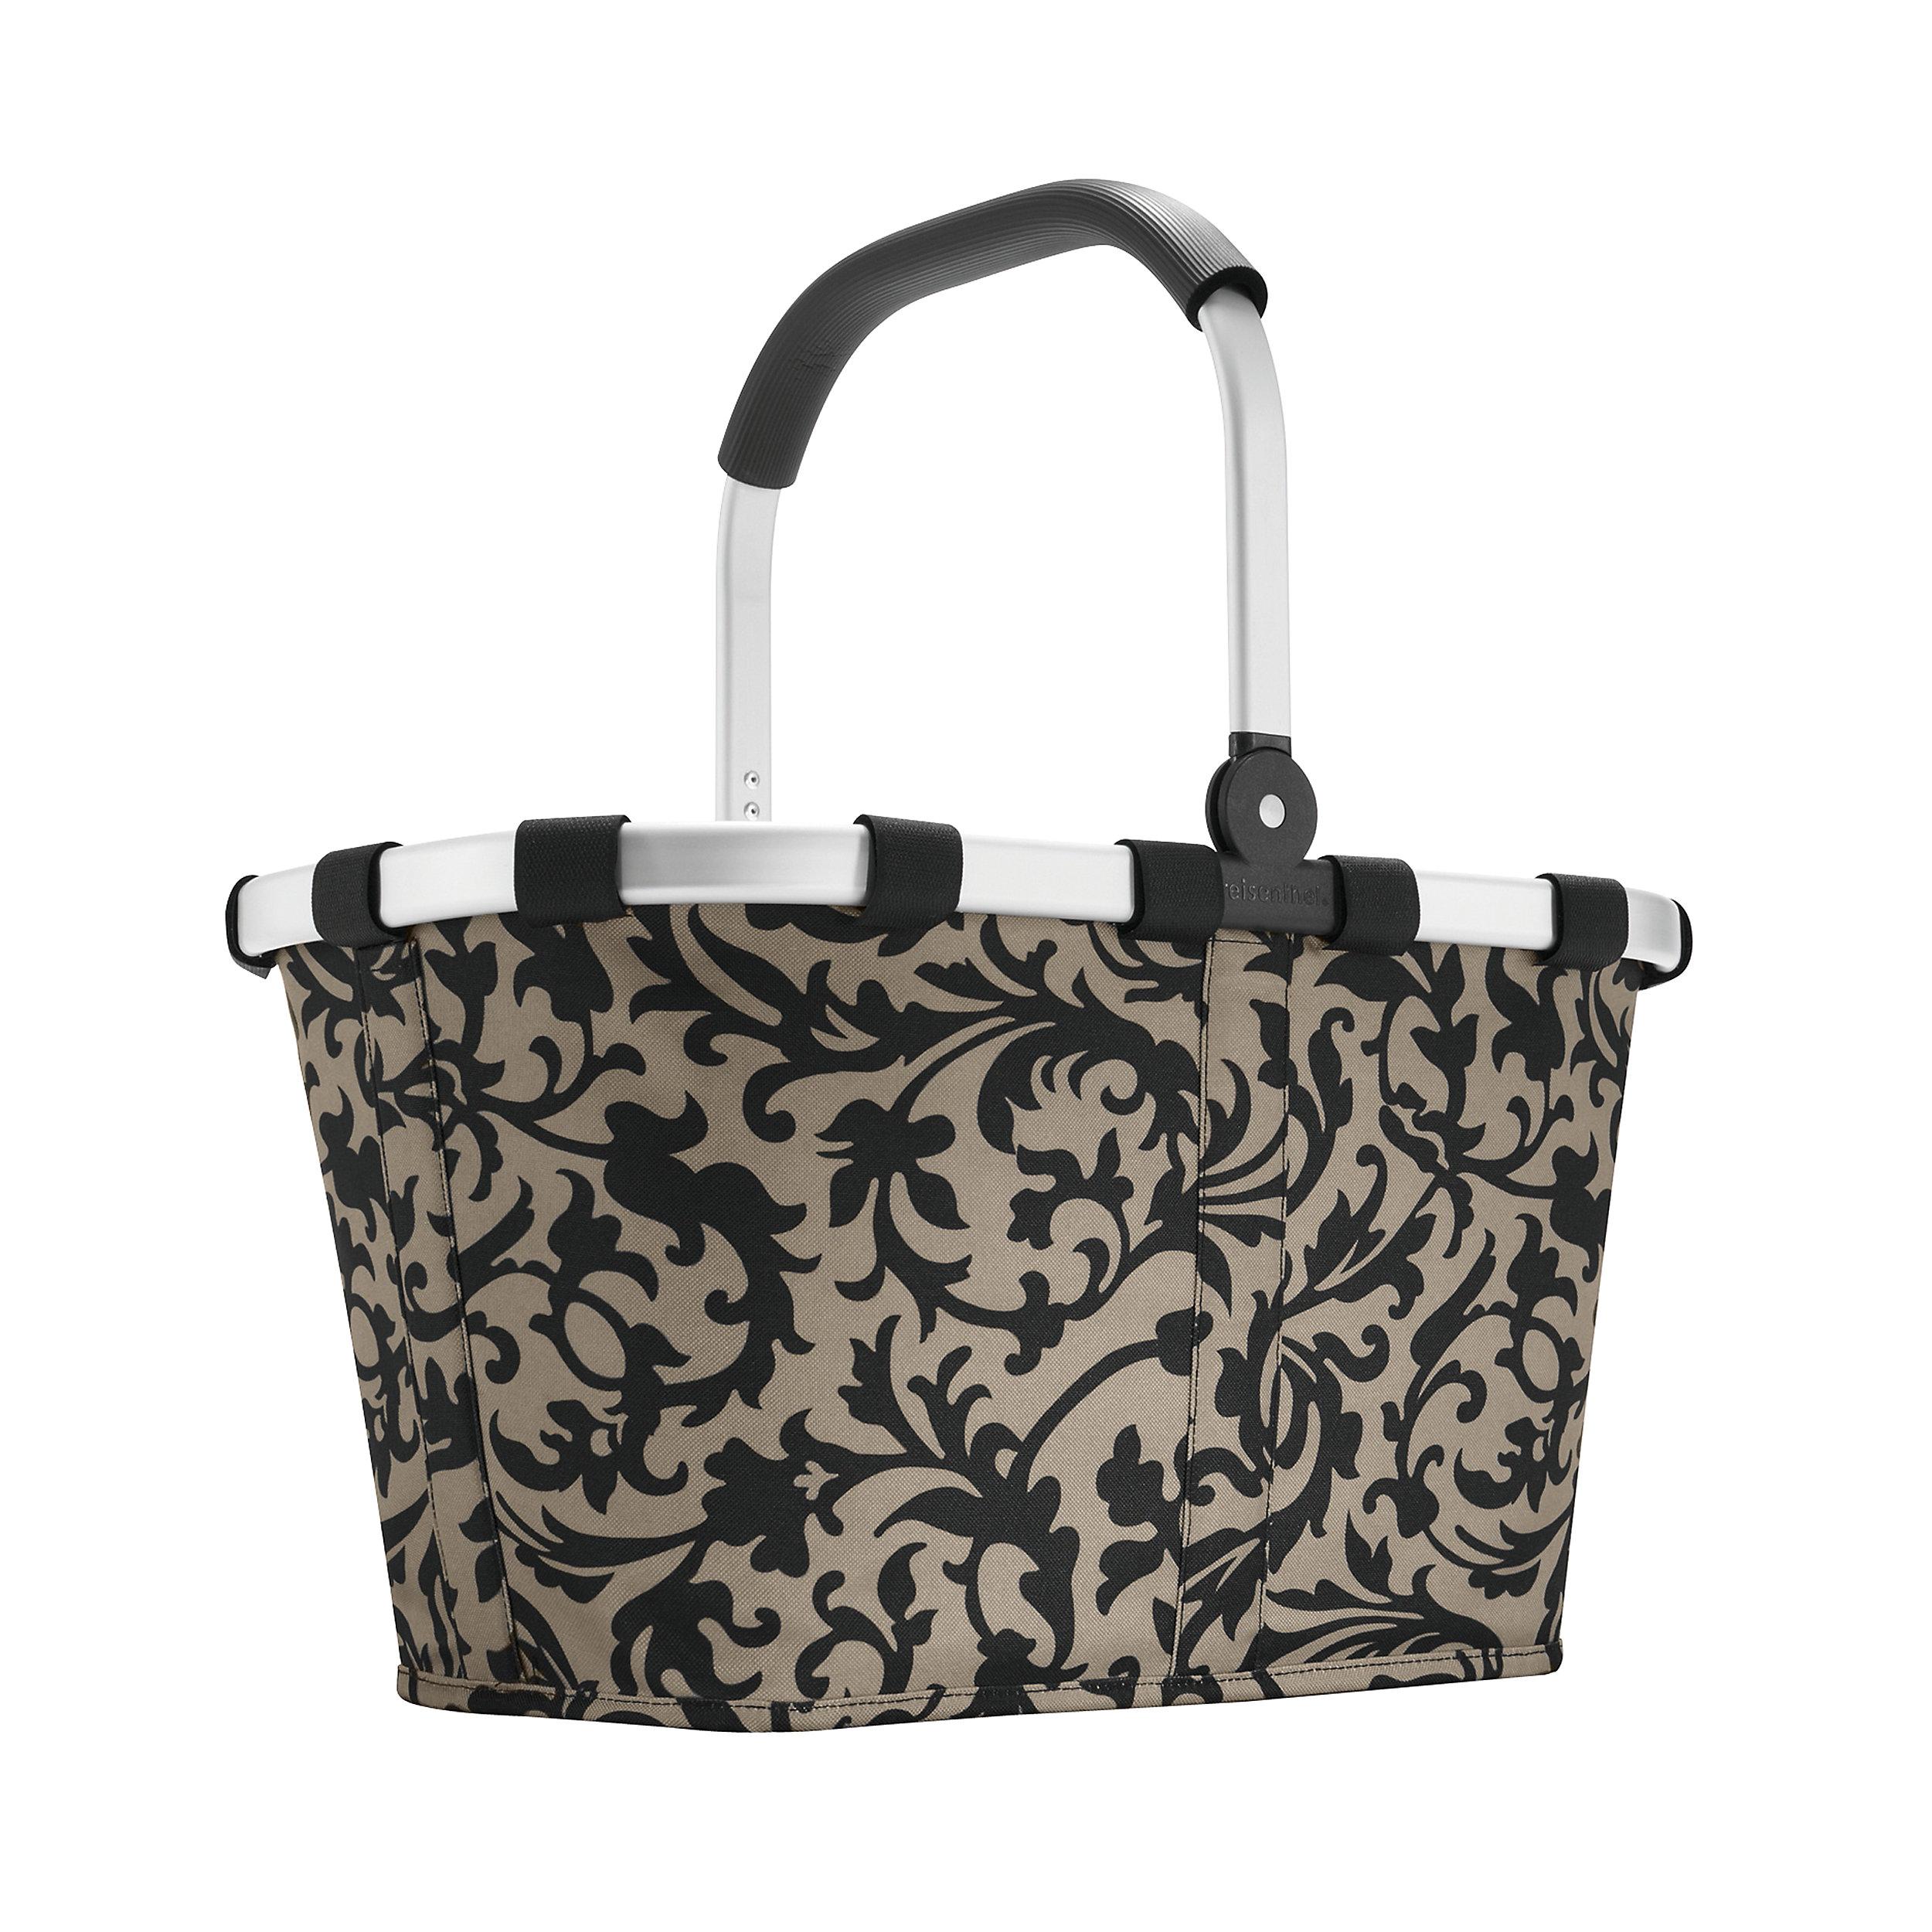 Carrybag Shopping 22 Liter